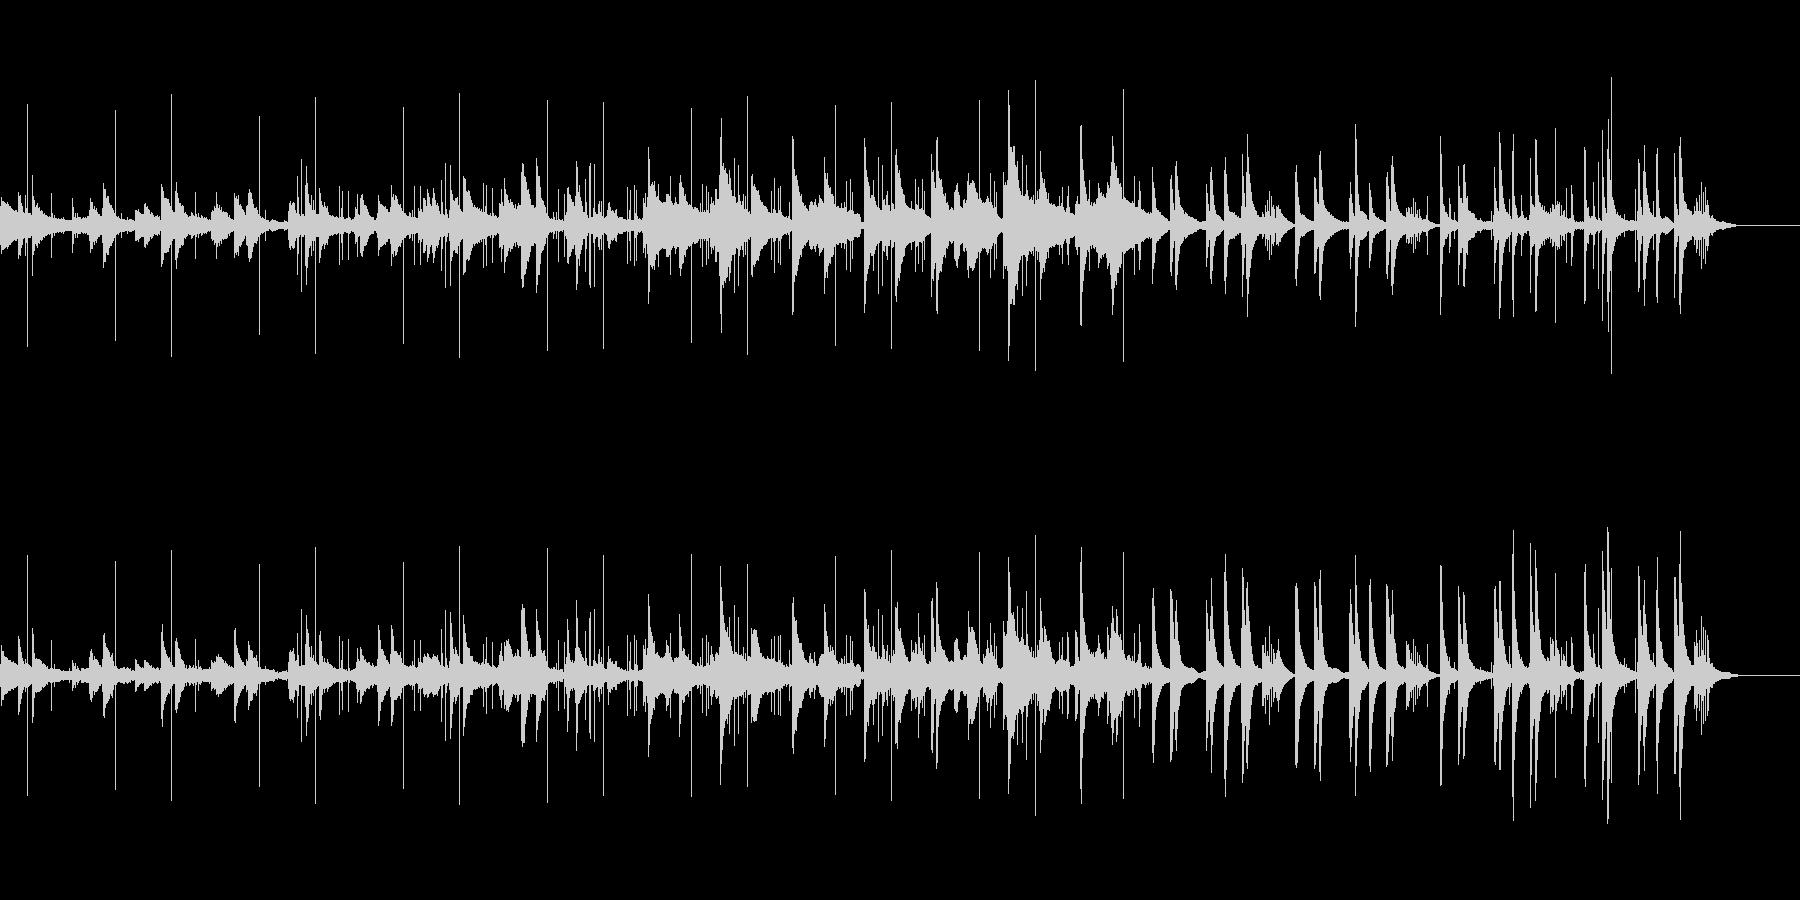 ピアノと鳥の声 ゆったりとしたリズムの未再生の波形